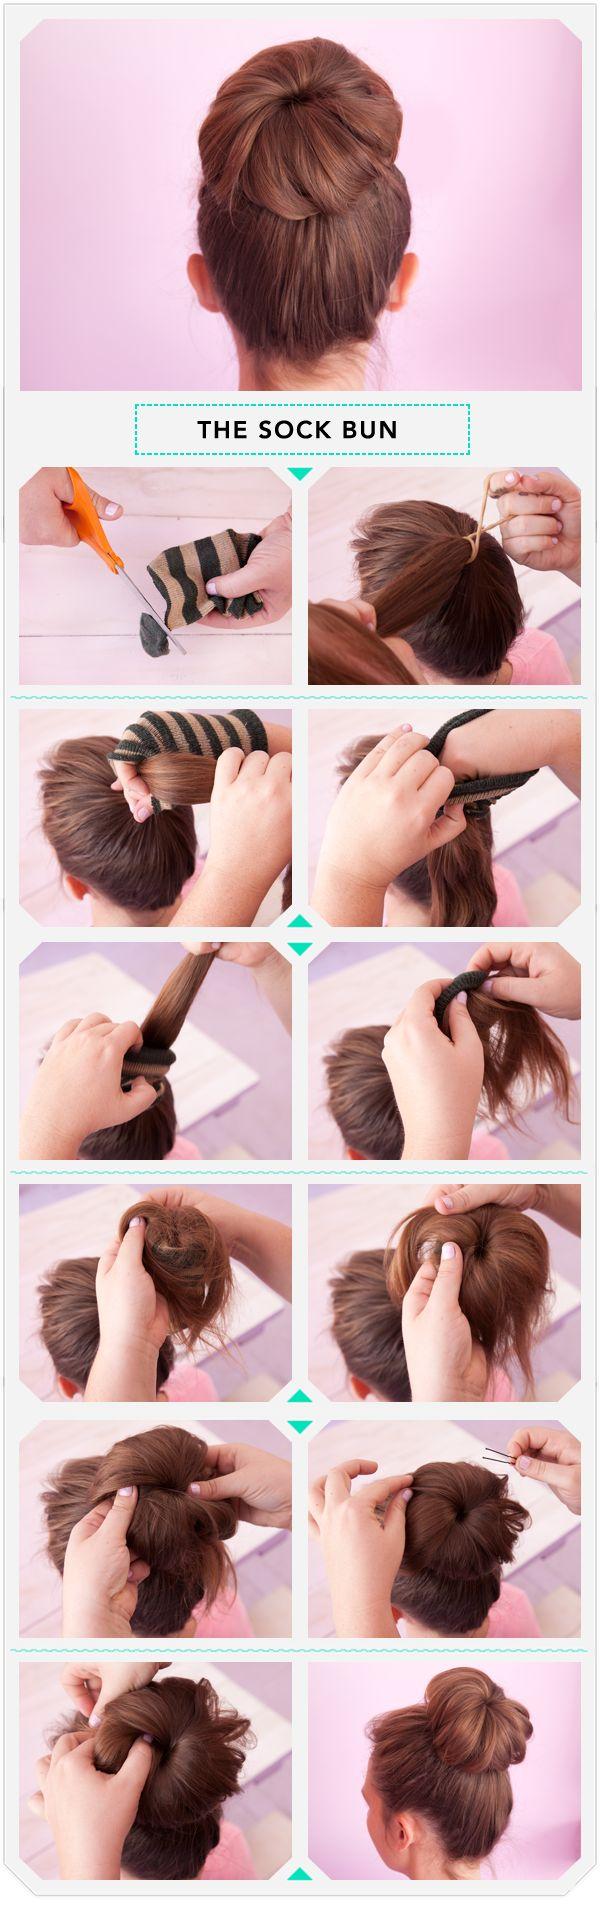 How To Do a Sock Bun | Beautylish